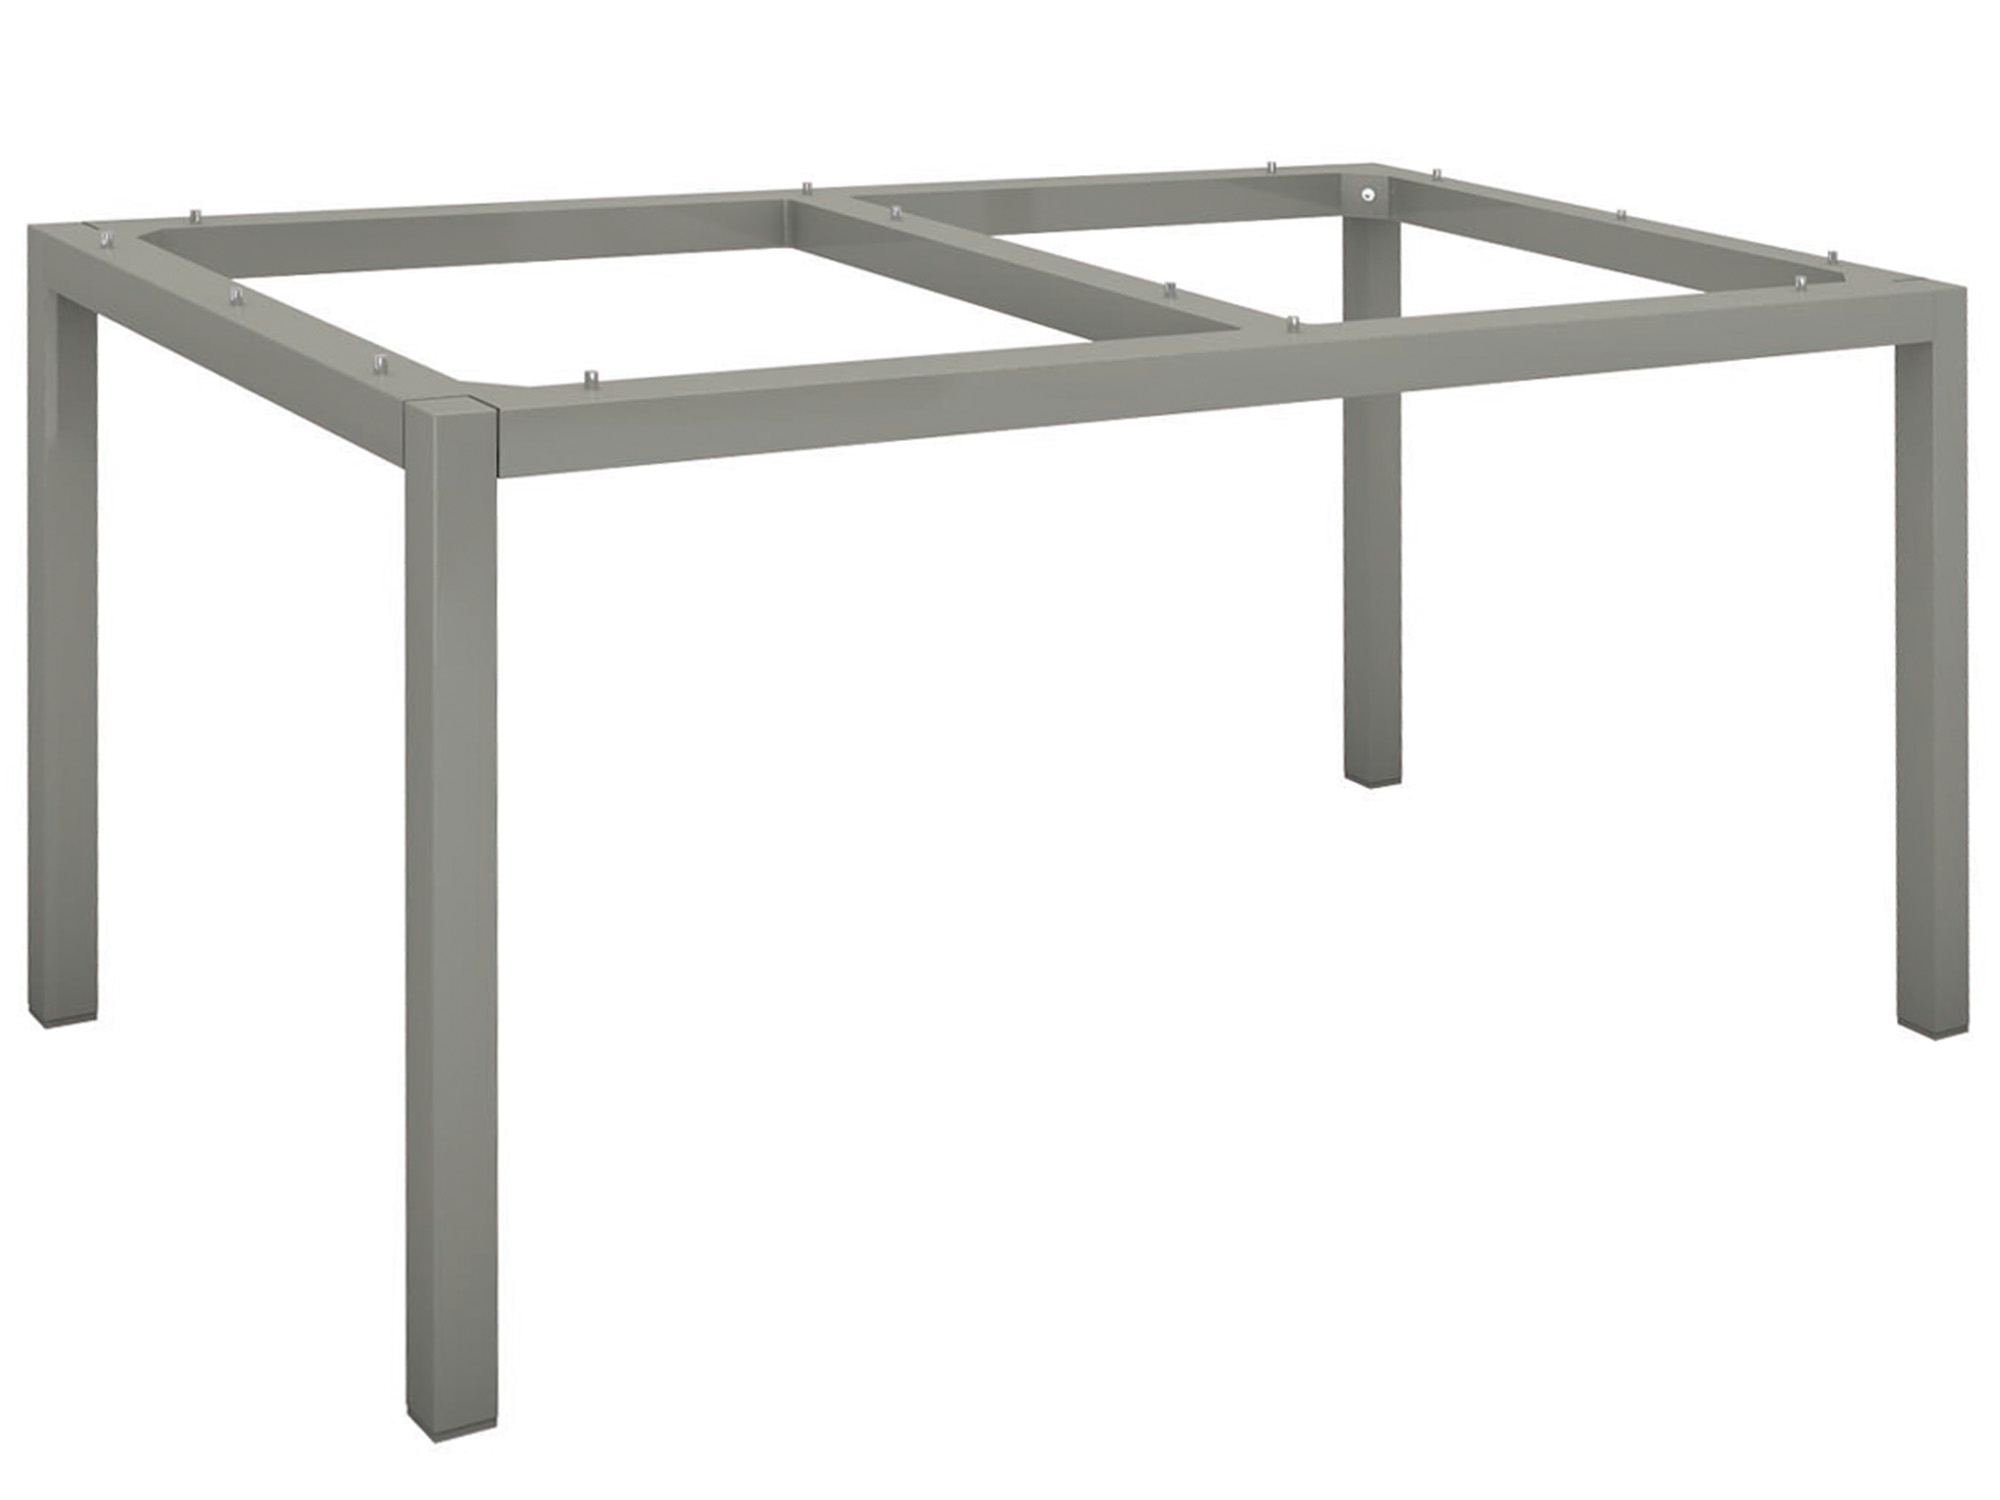 STERN Gartentisch 160x90cm Aluminium graphit Silverstar 2.0 Tundra grau